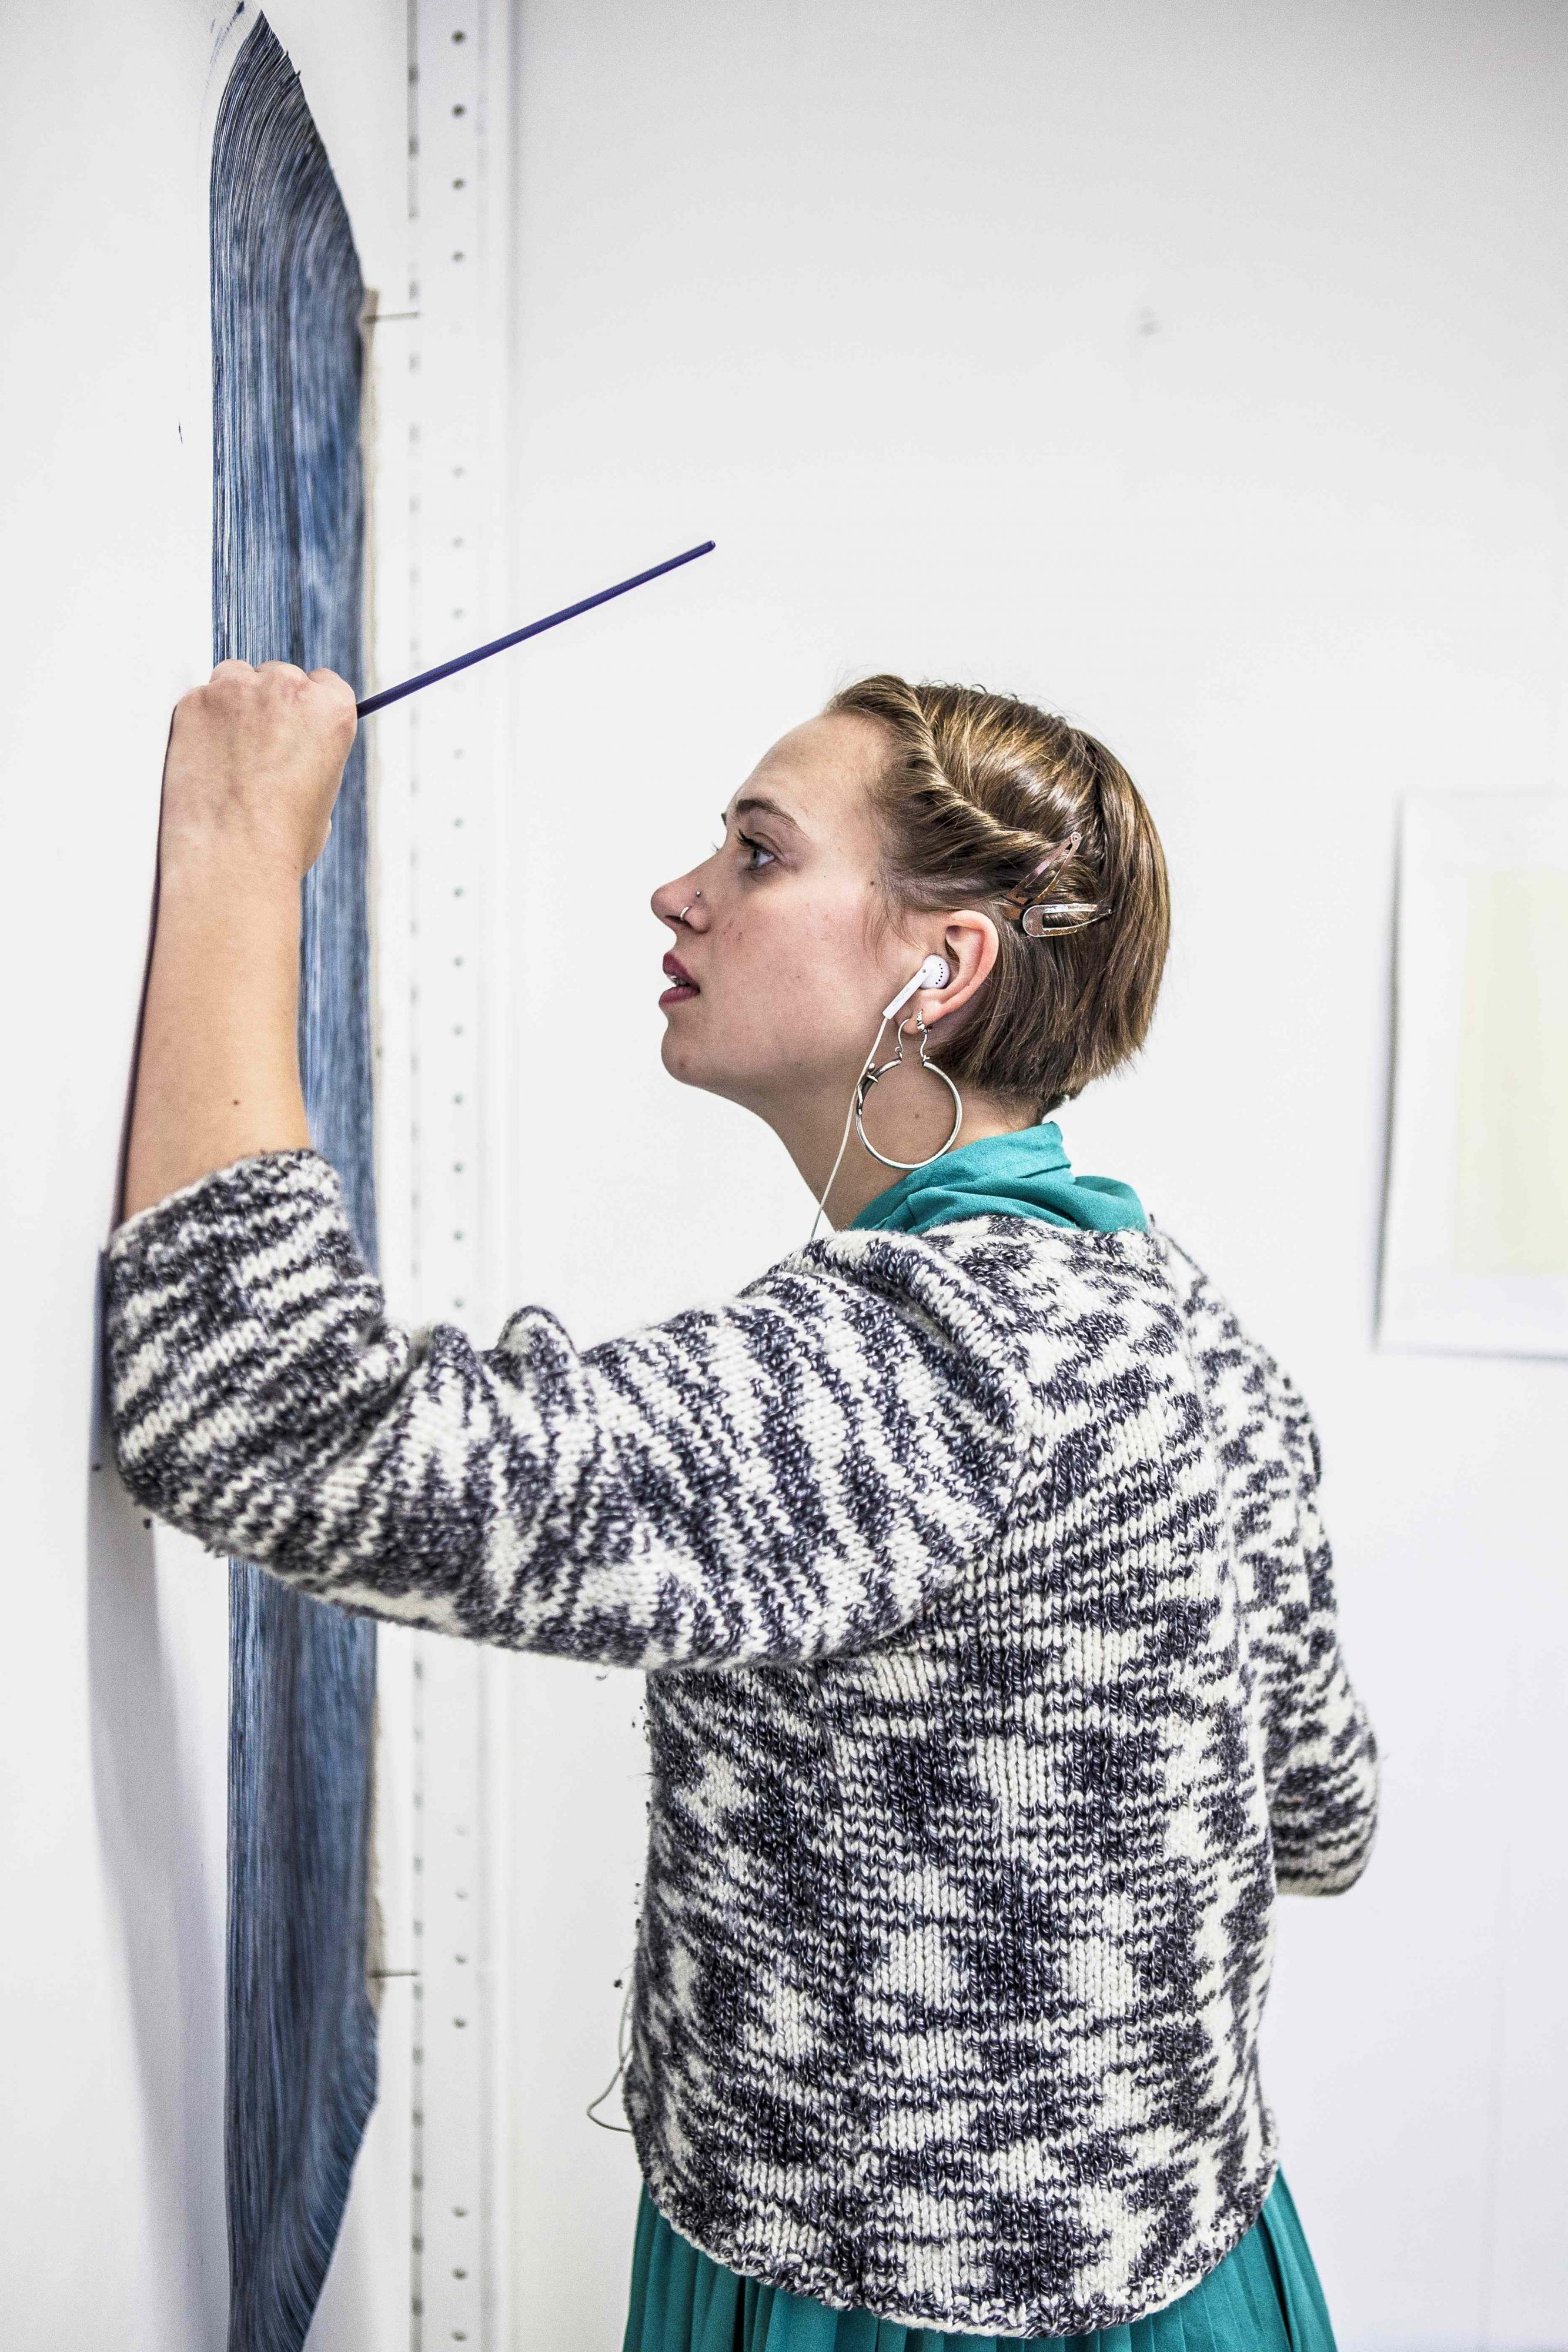 Elise van den broekje geconcentreerd aan het werk